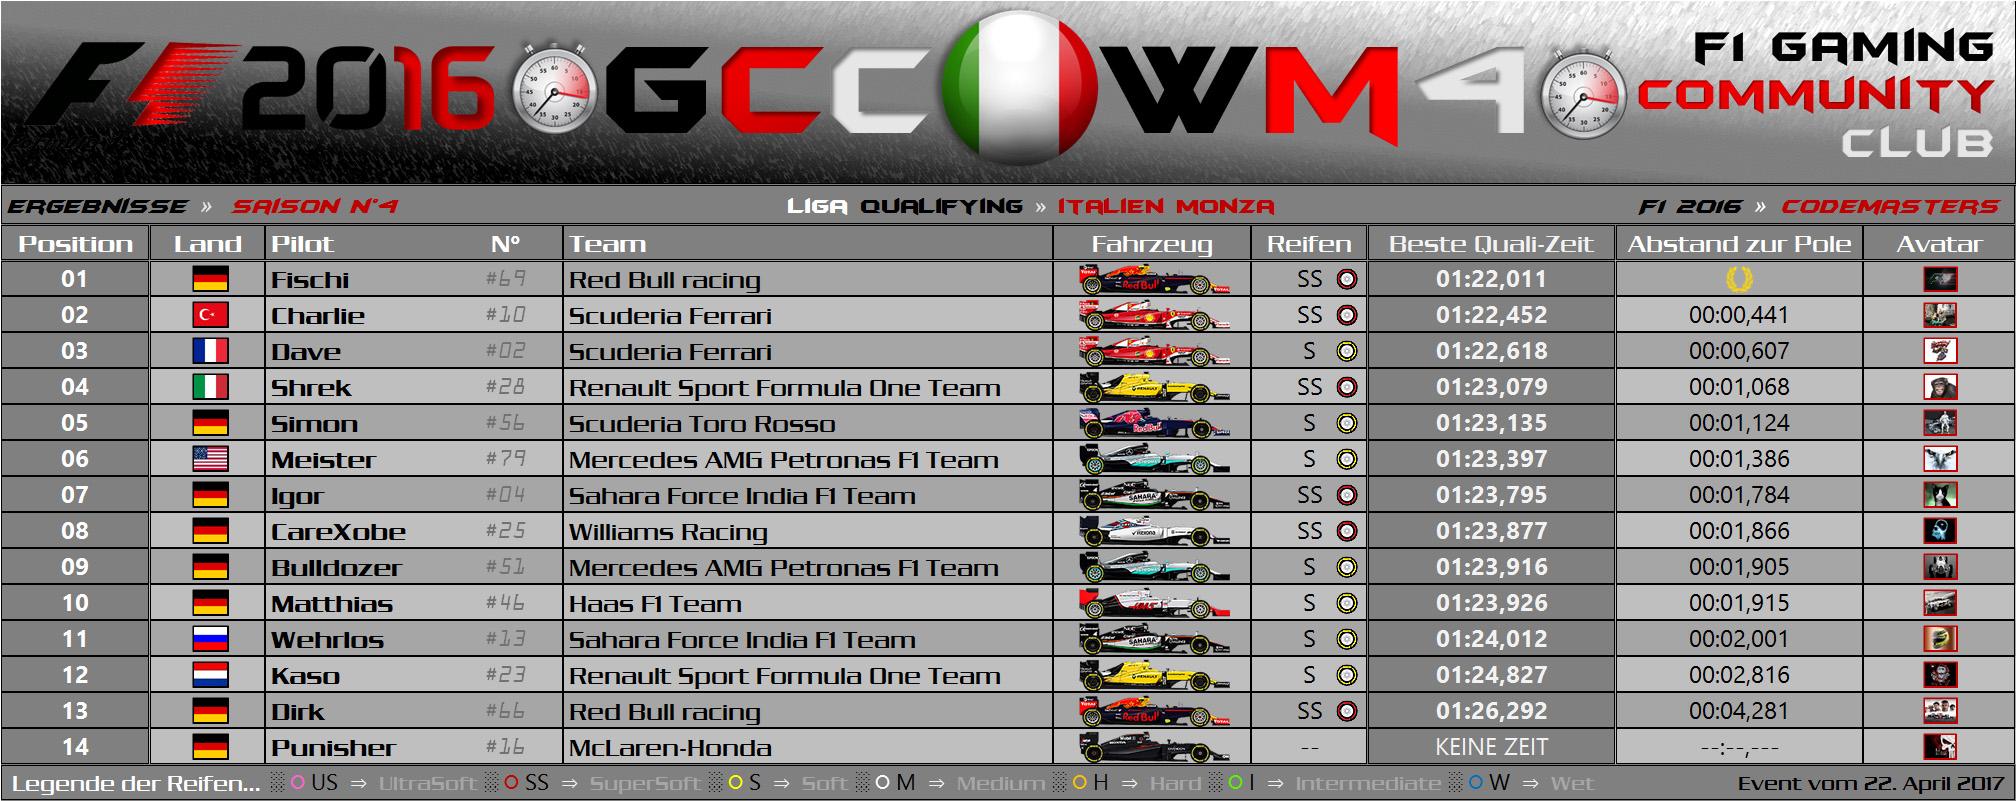 italien liga ergebnisse